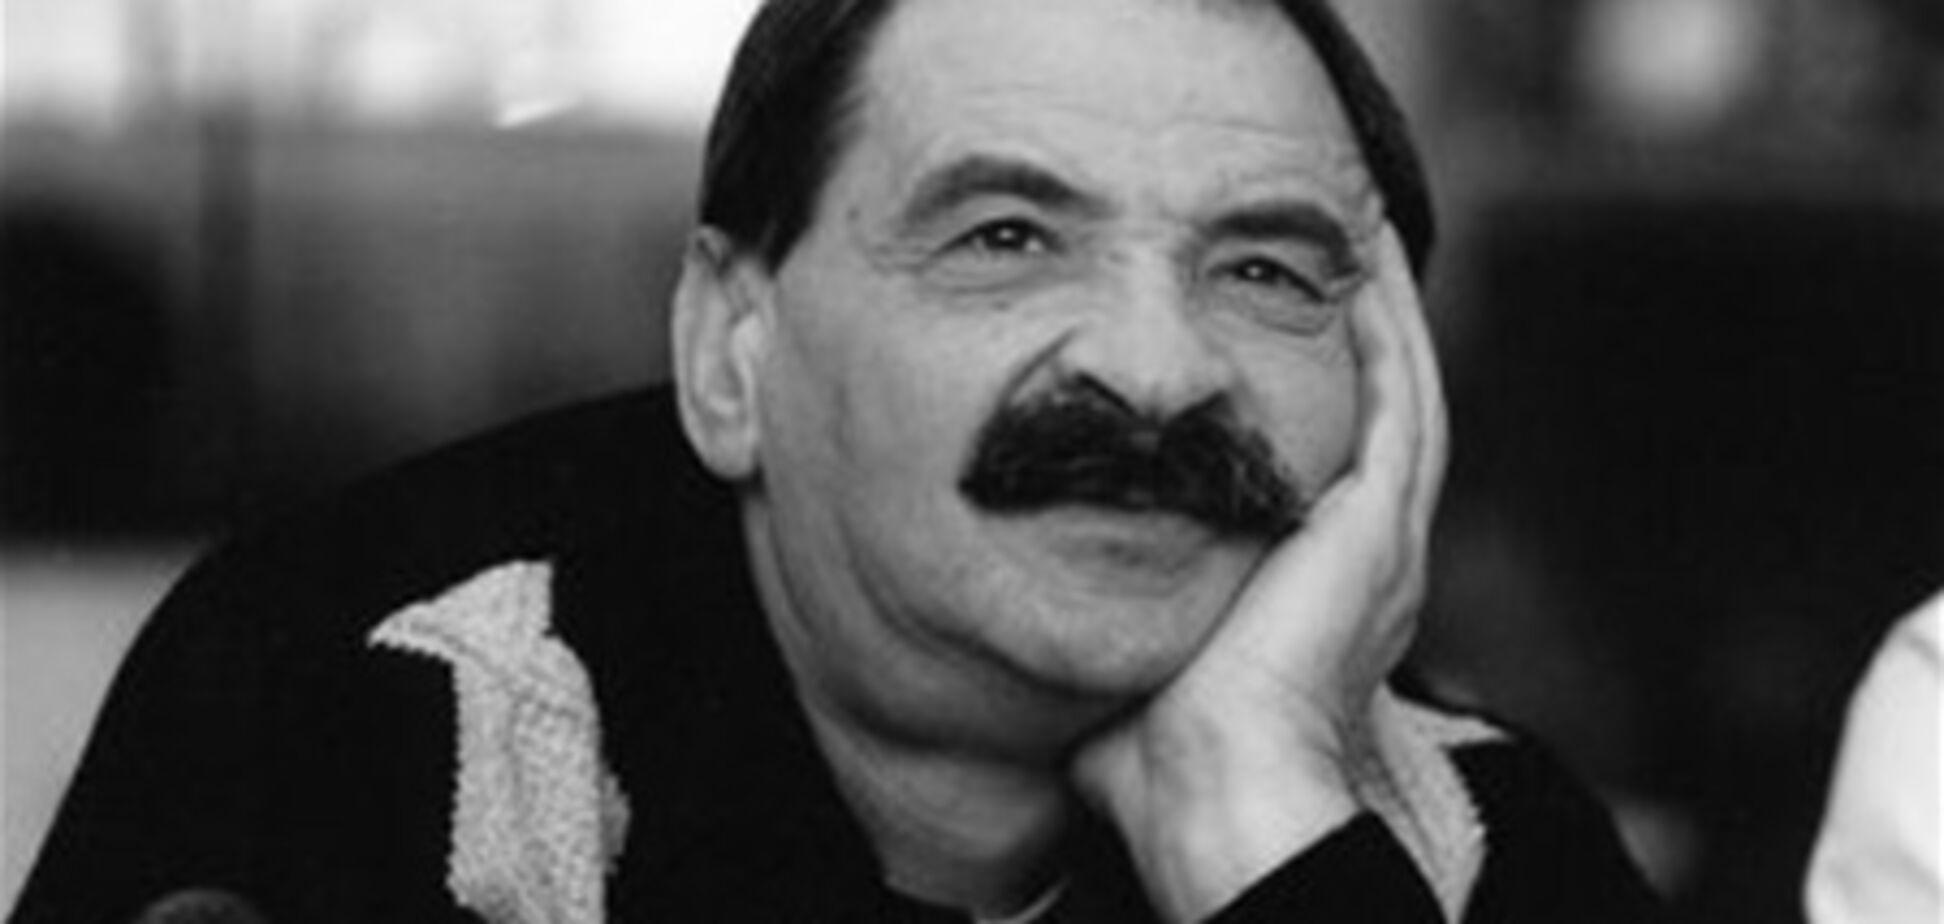 Стоянов плакал над гробом Олейникова